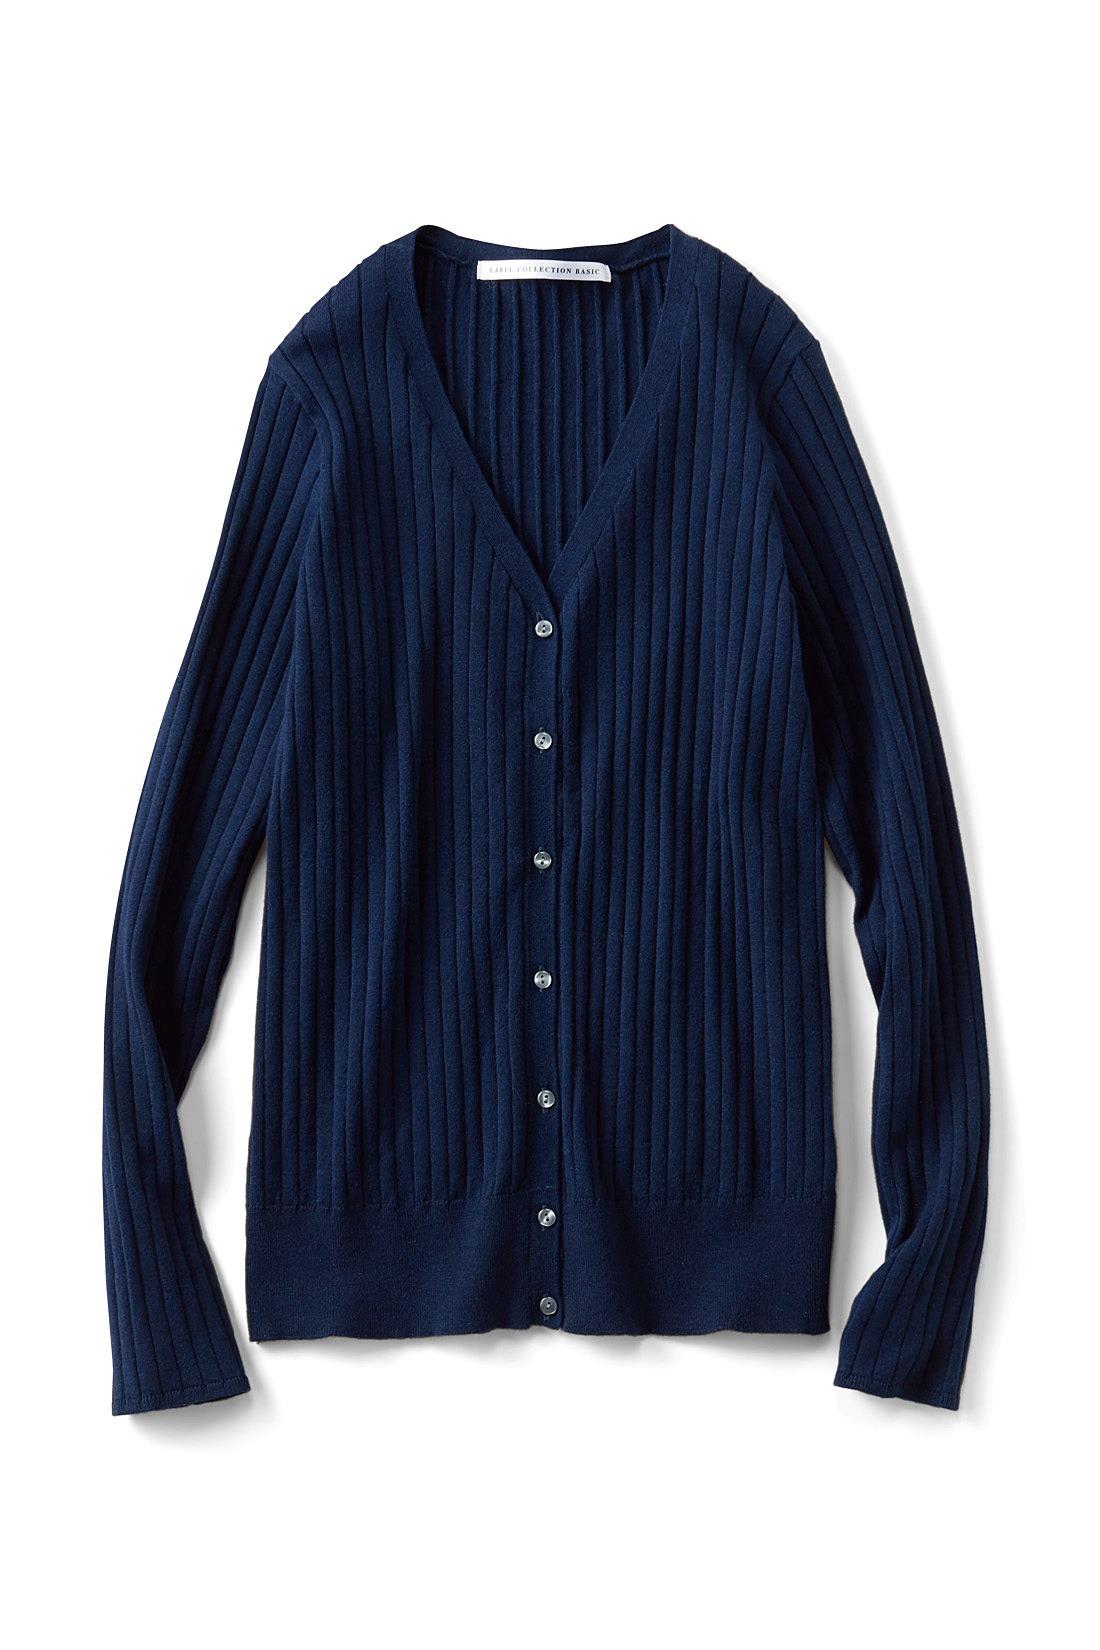 上品リッチな印象の〈ネイビー〉 細いリブ遣いの前立てと小さめの貝調ボタンも上品な雰囲気。編み地続きで仕上げた袖口がきれいめな印象。